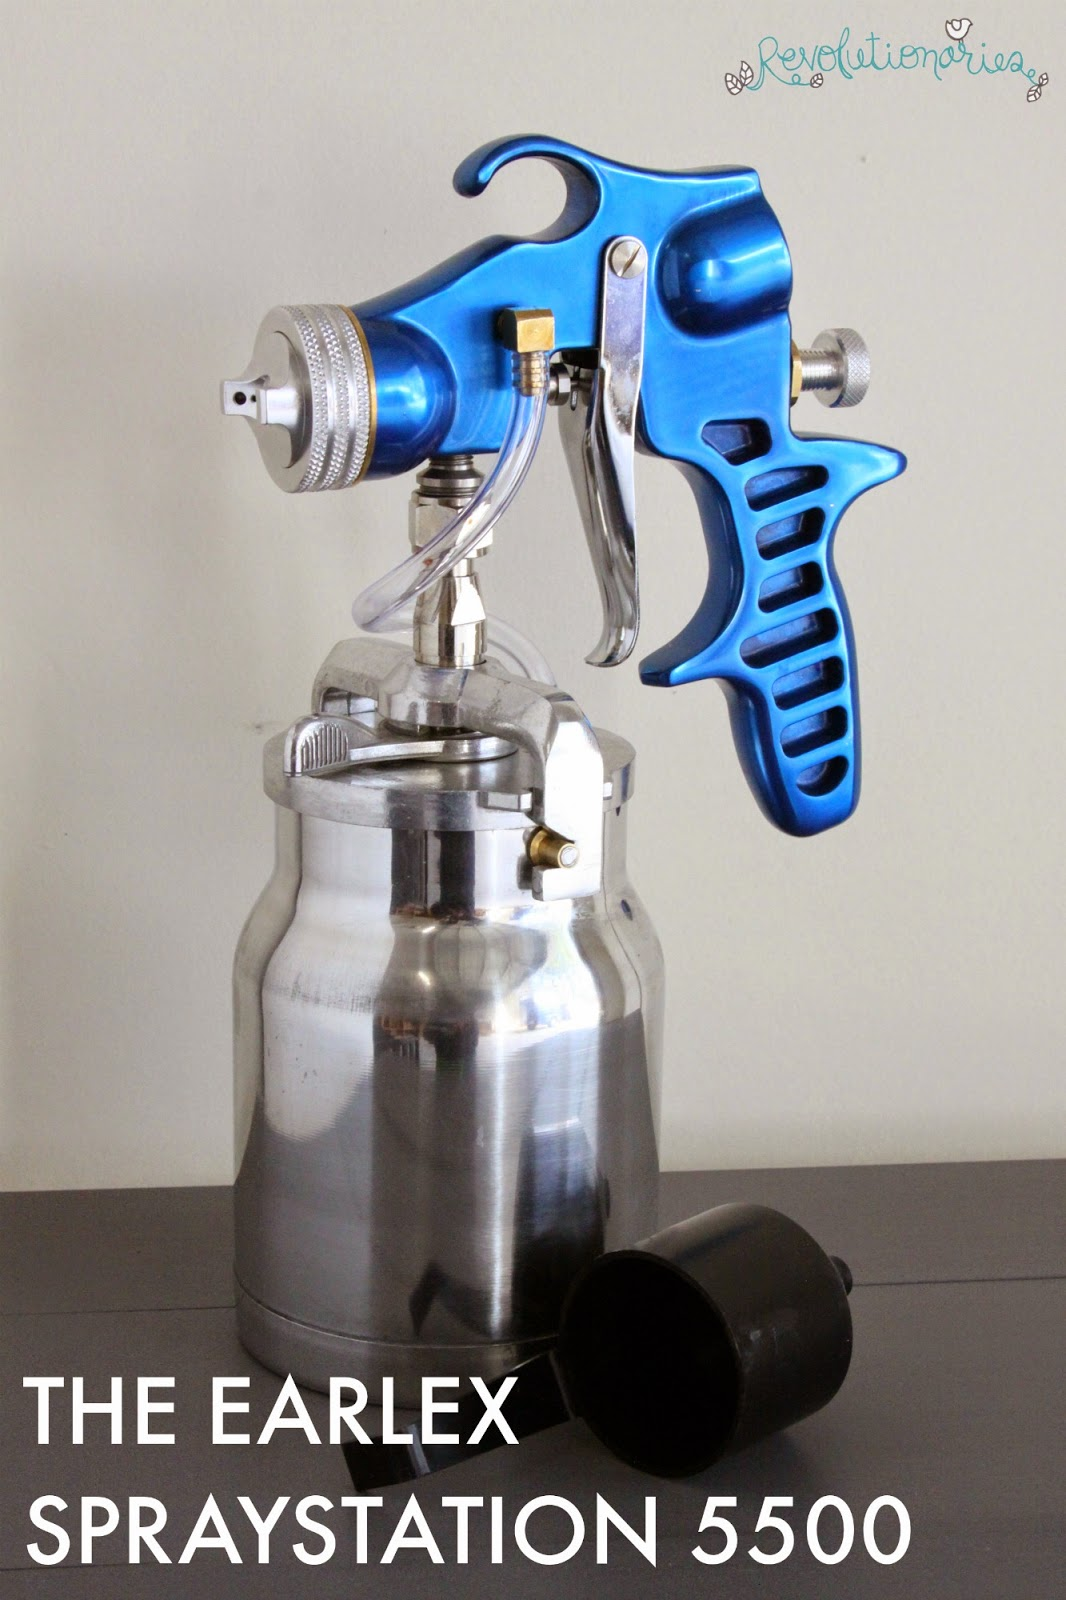 Revolutionaries earlex hv5500 spray station review - Earlex spray station ...